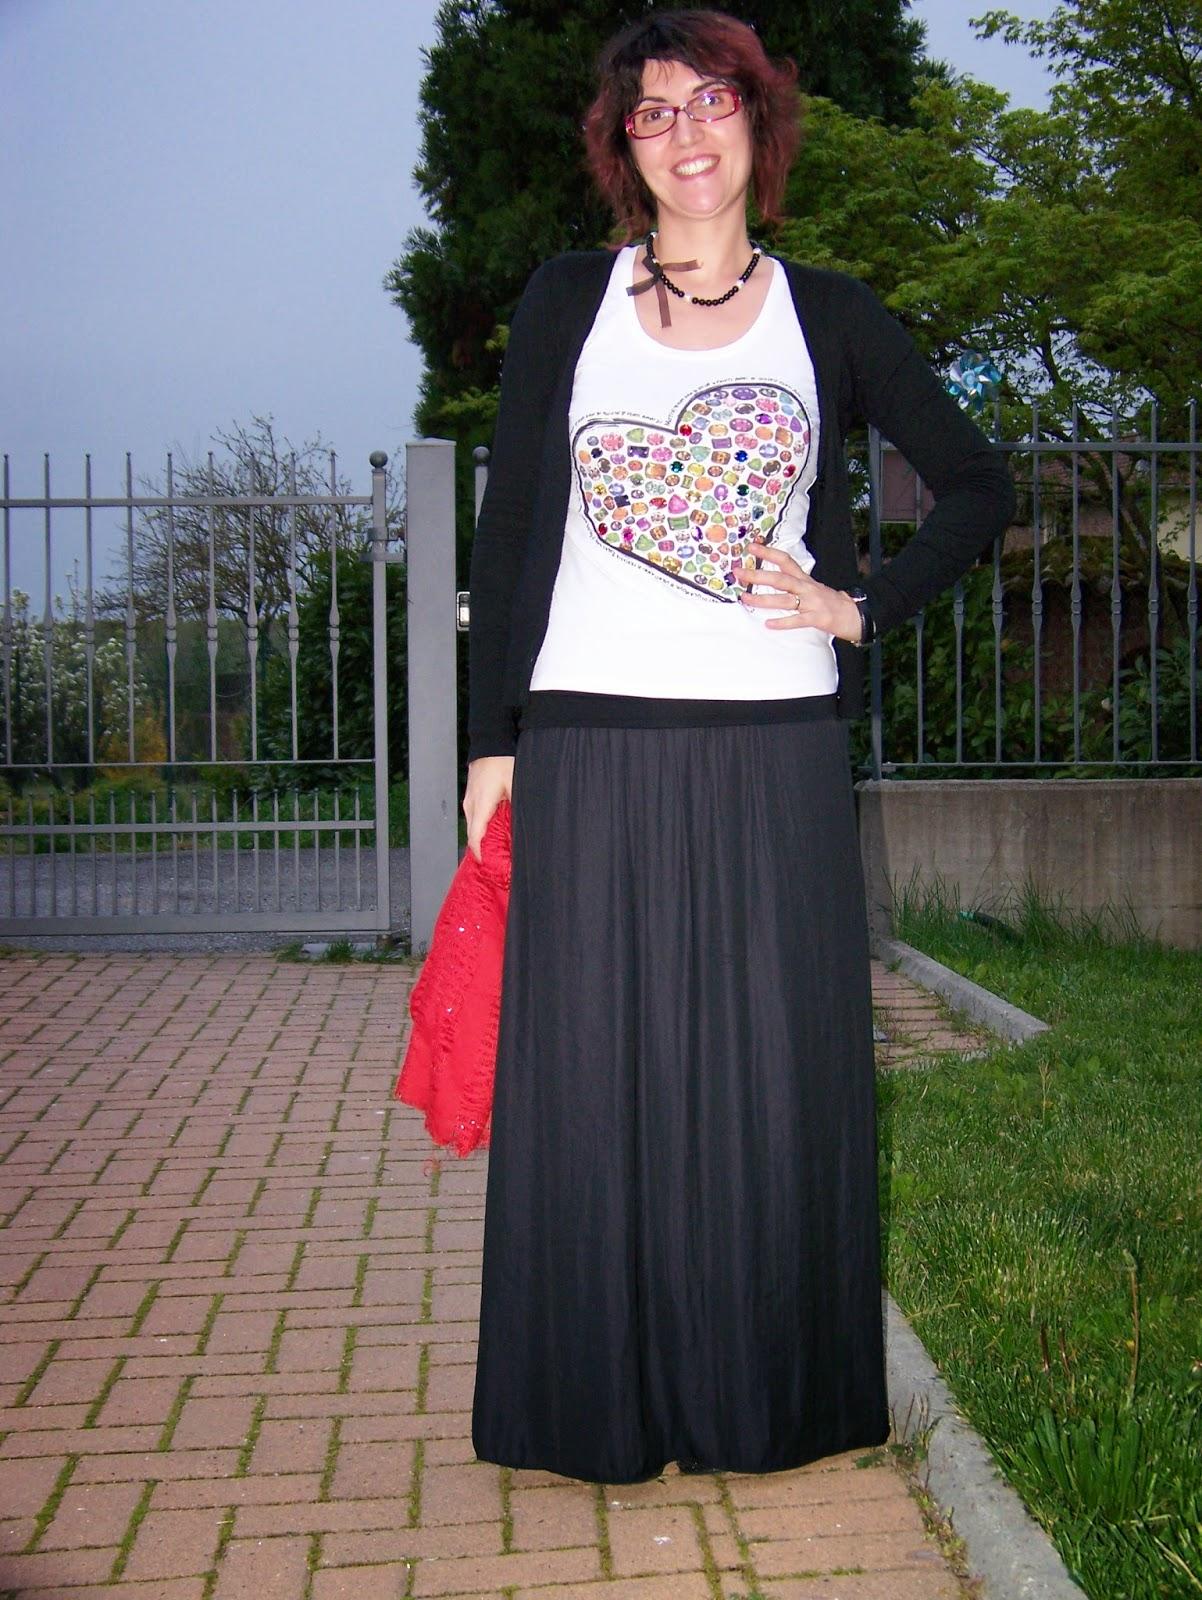 Connu Ma Come Mi Vesto?: outfit di ogni giorno: La gonna lunga DM81